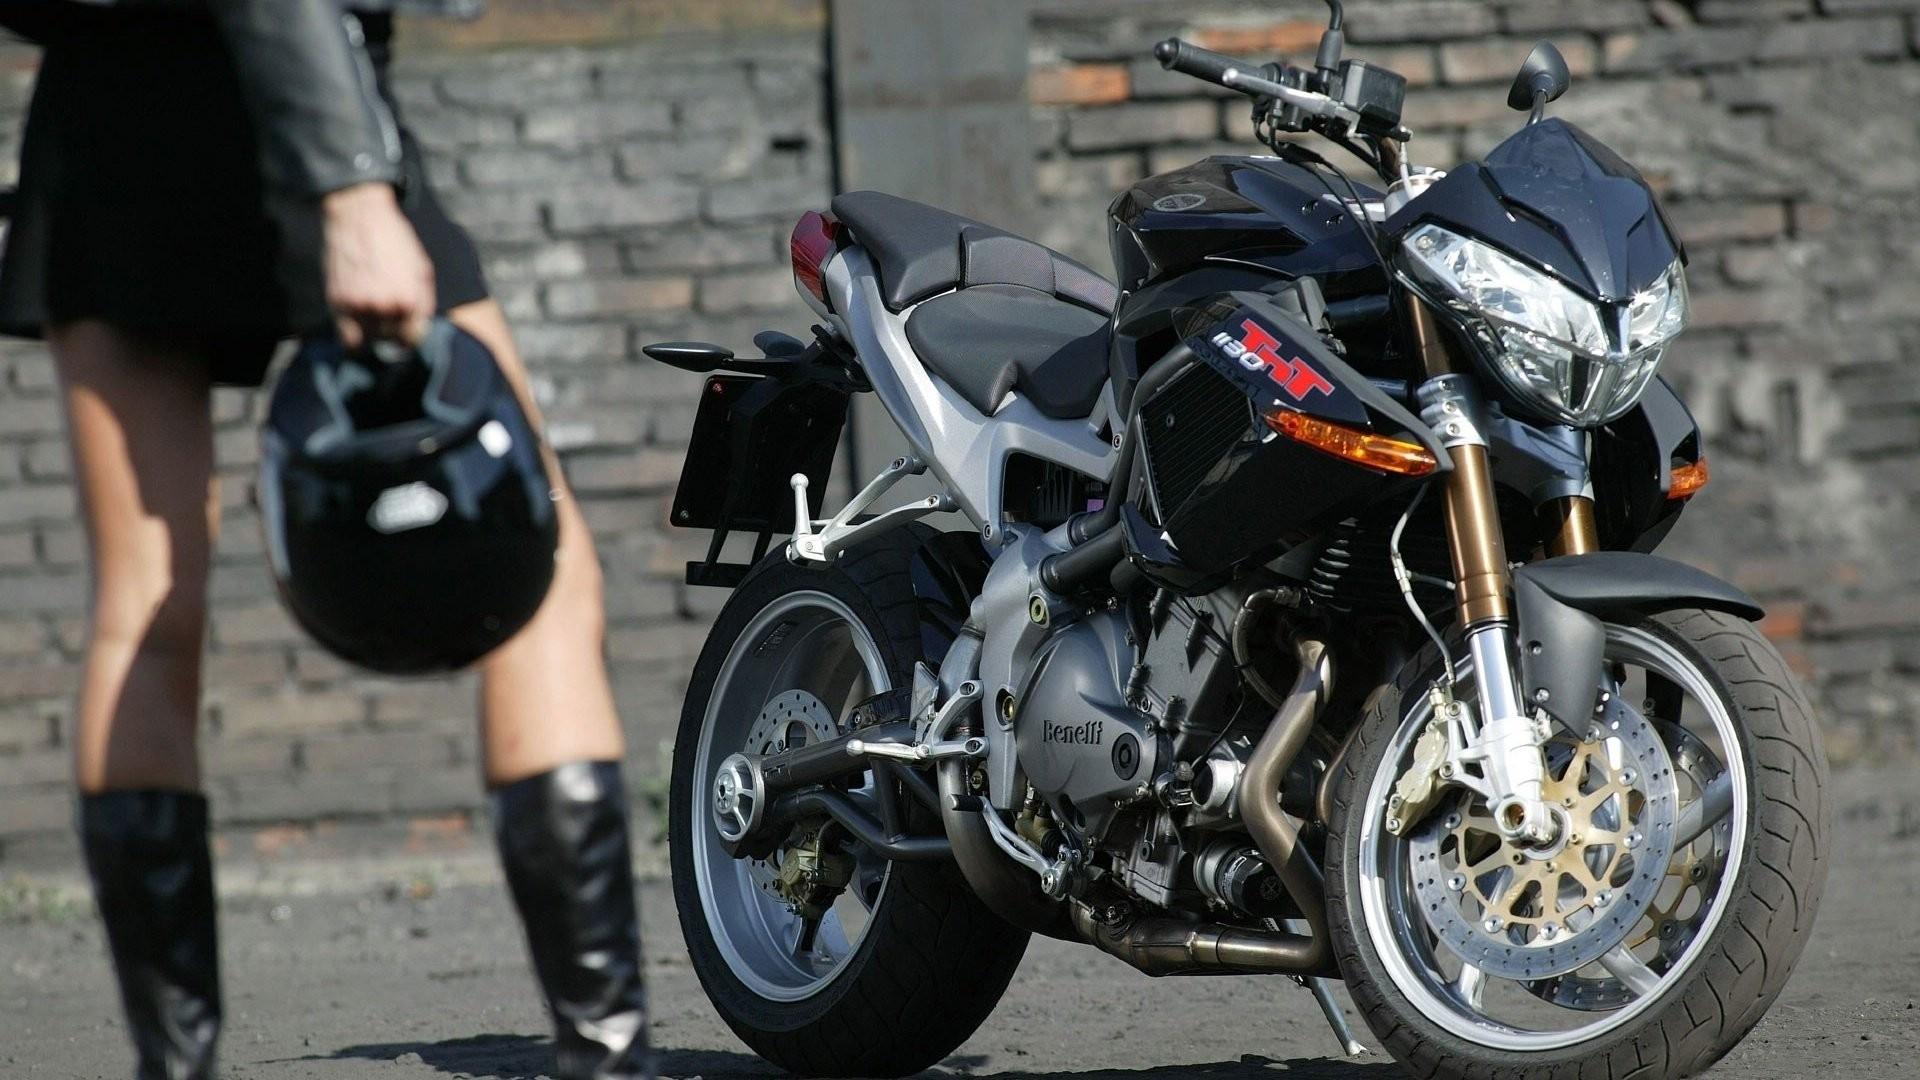 Girl bike motorcycle helmet benelli wallpaper | | 335962 |  WallpaperUP